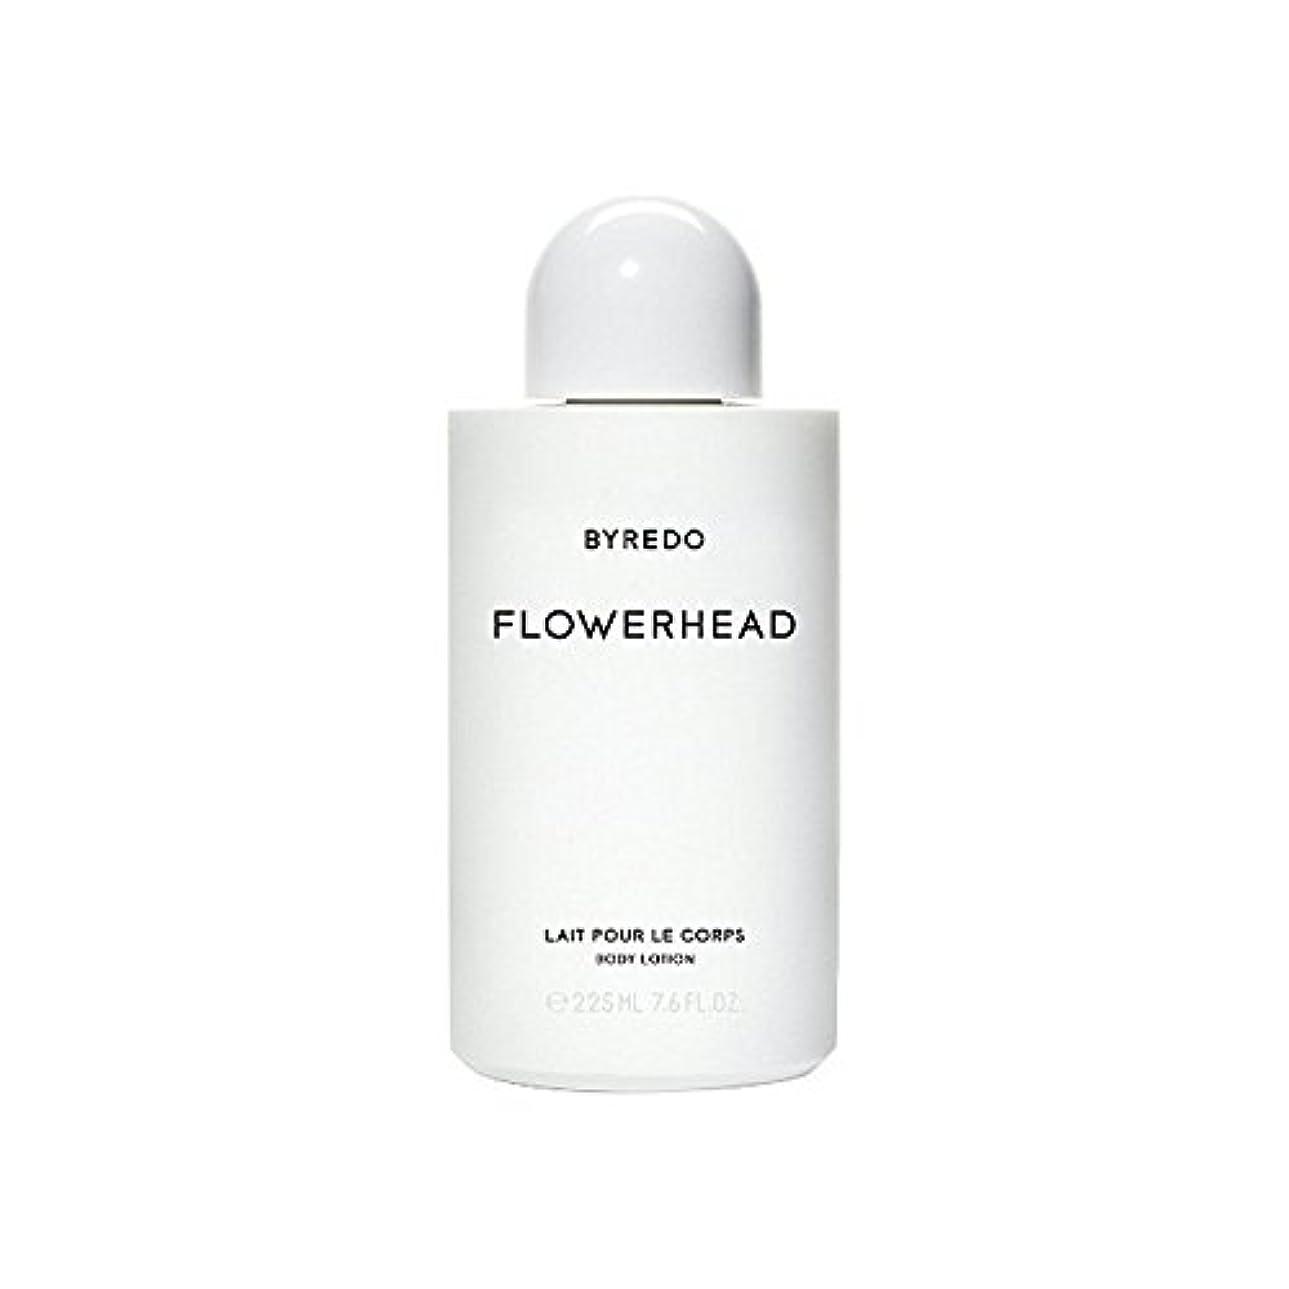 高価な肯定的動物Byredo Flowerhead Body Lotion 225ml - ボディローション225ミリリットル [並行輸入品]